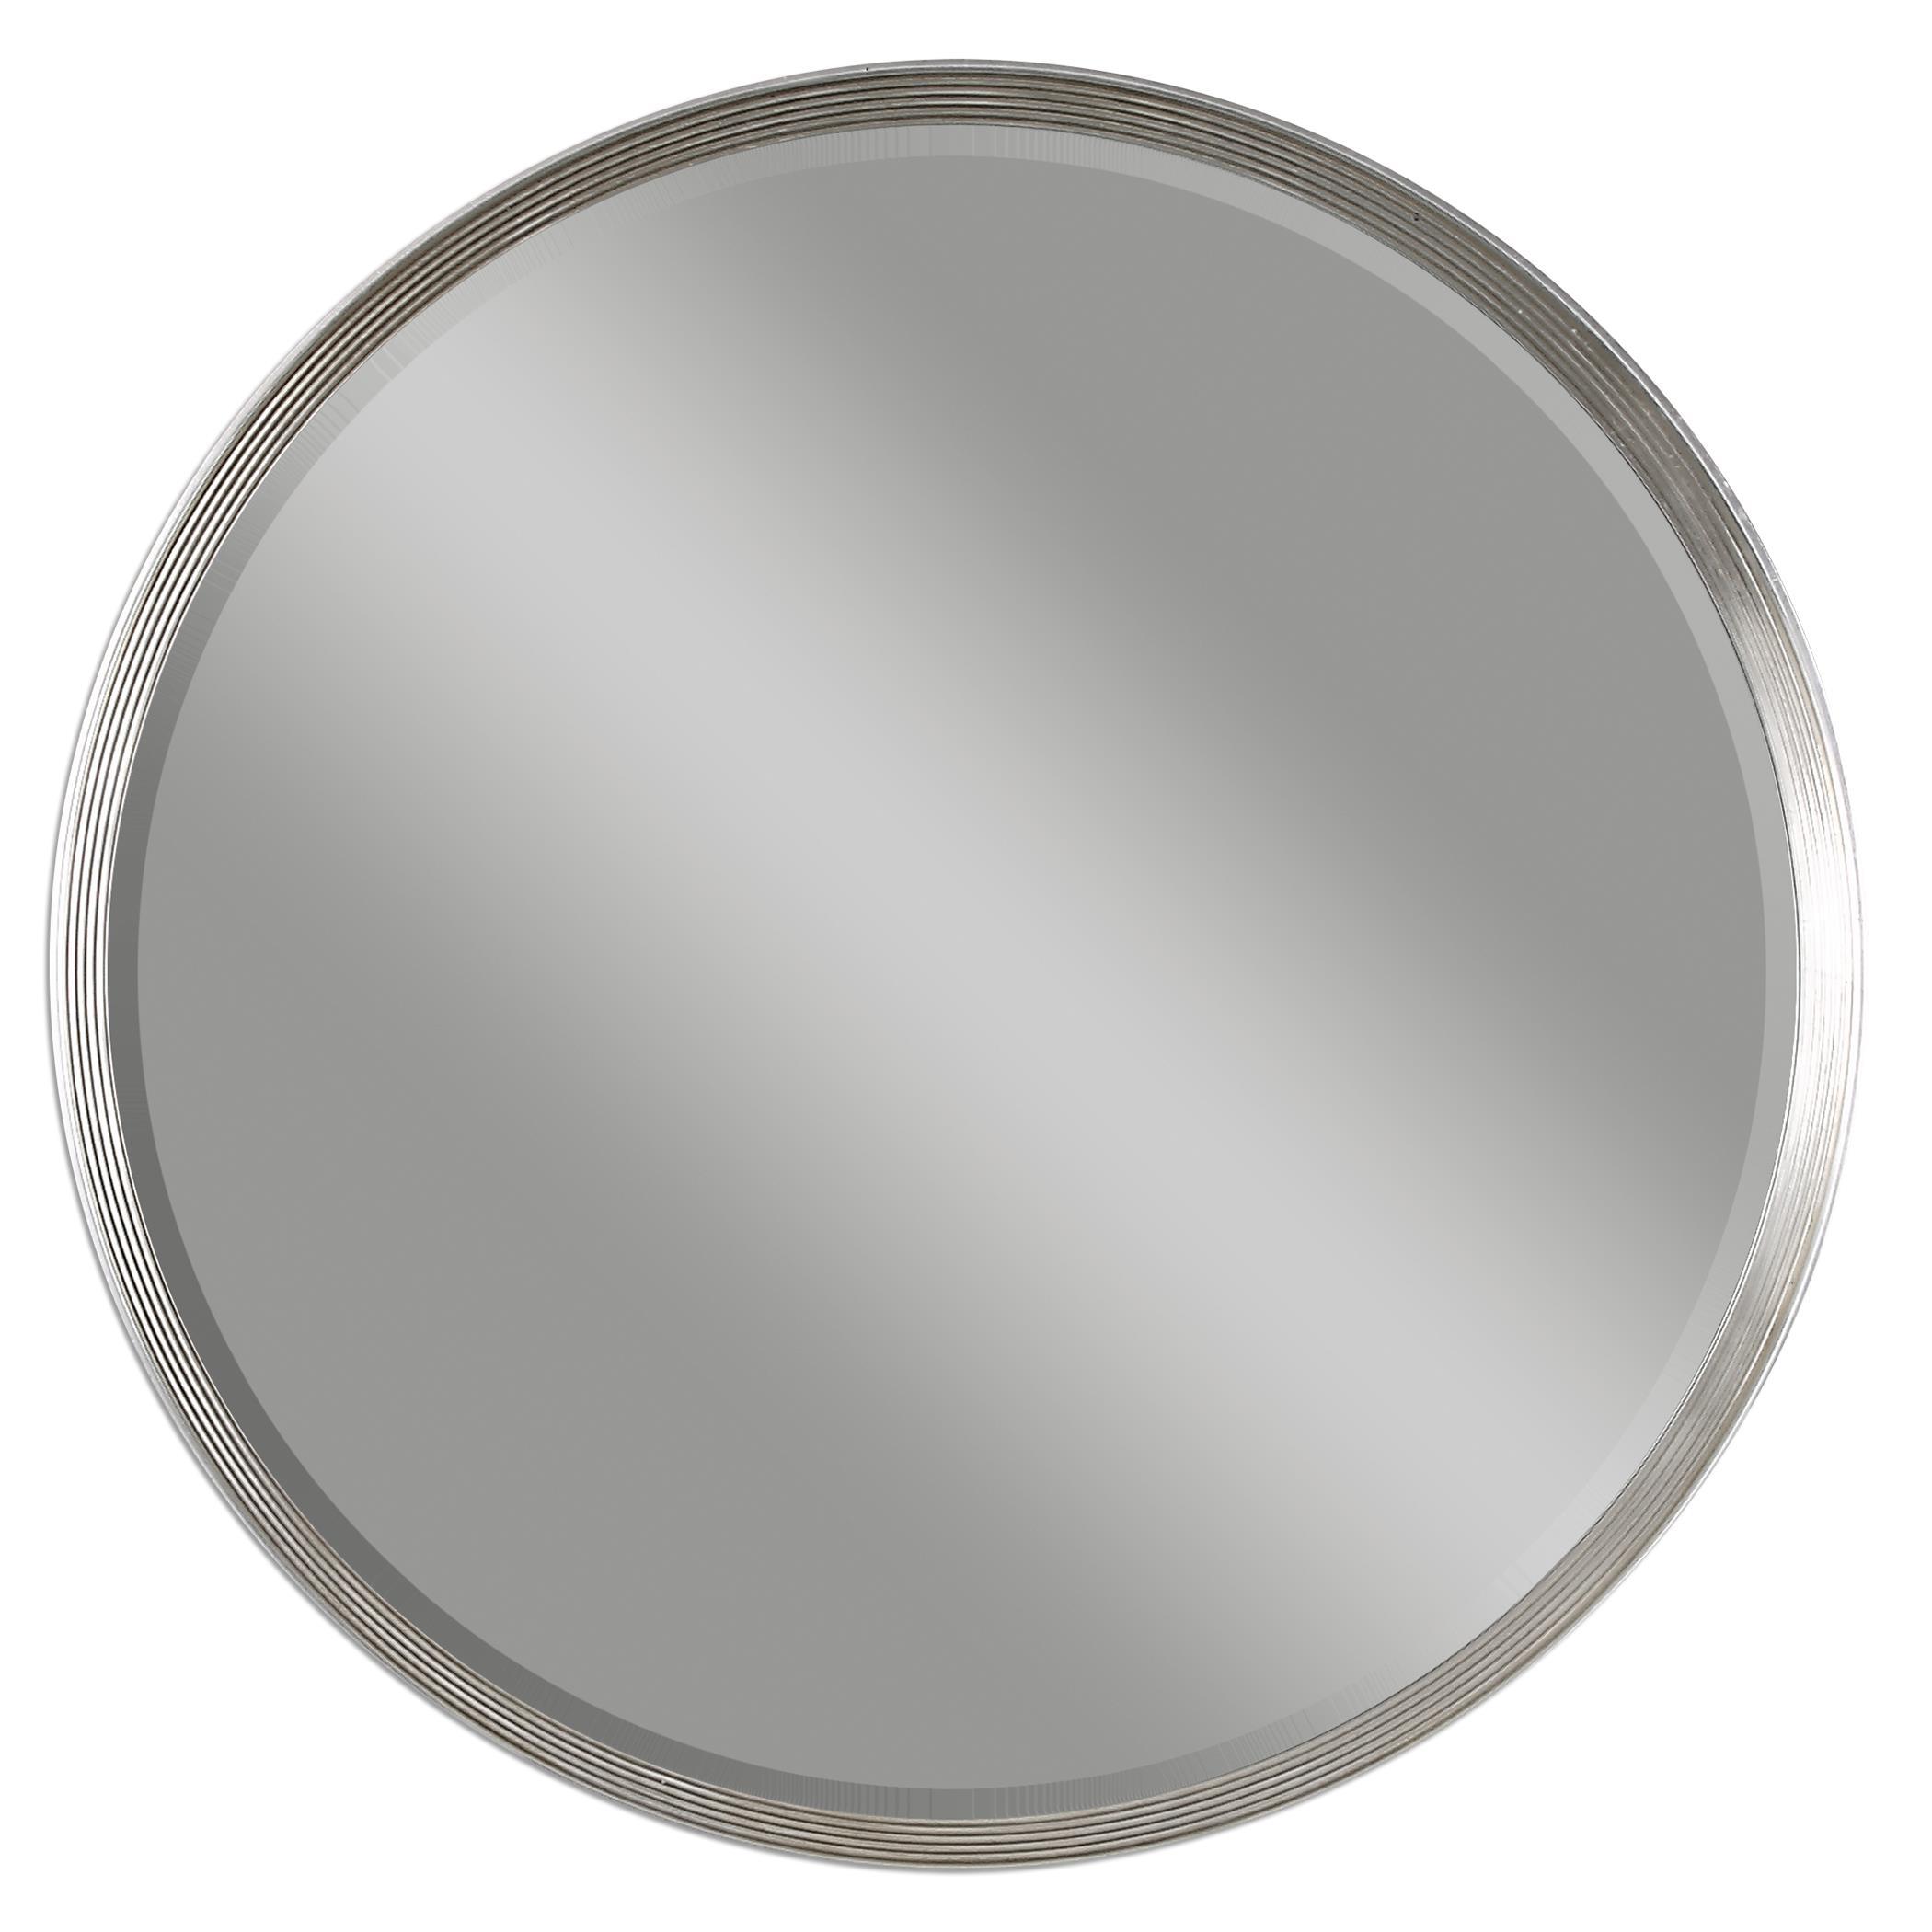 Uttermost Mirrors Serenza Round Silver Mirror - Item Number: 14547